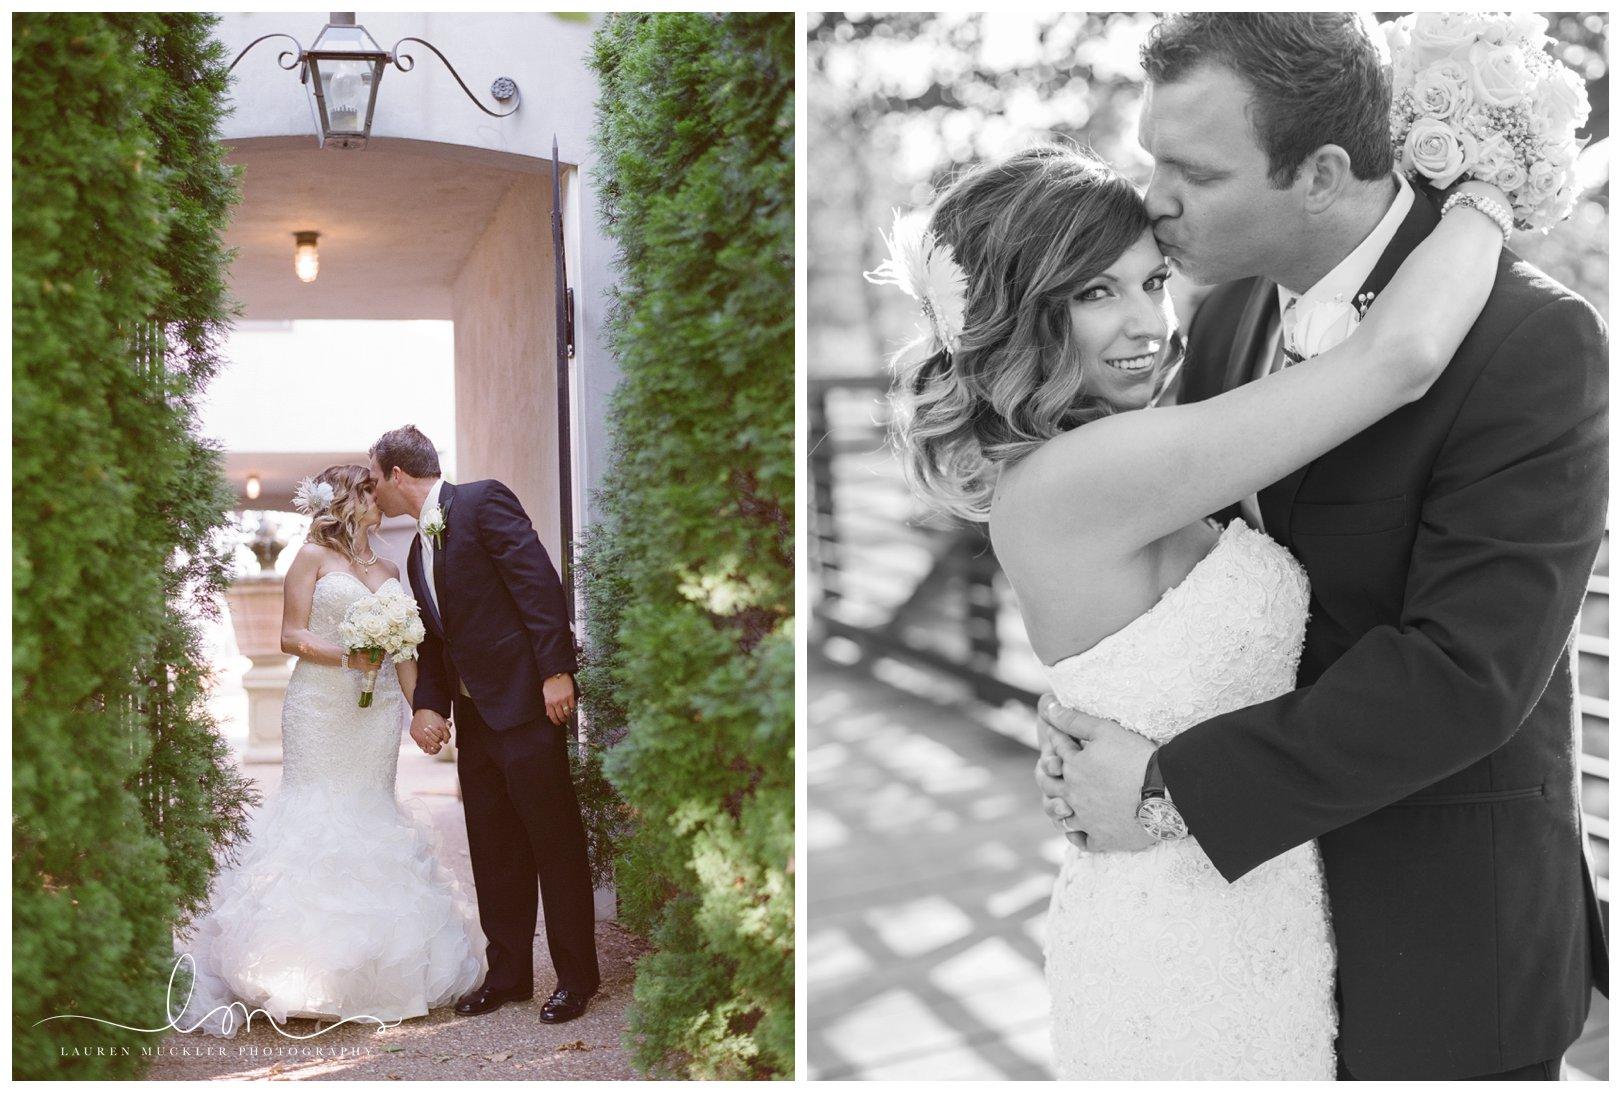 lauren muckler photography_fine art film wedding photography_st louis_photography_0474.jpg